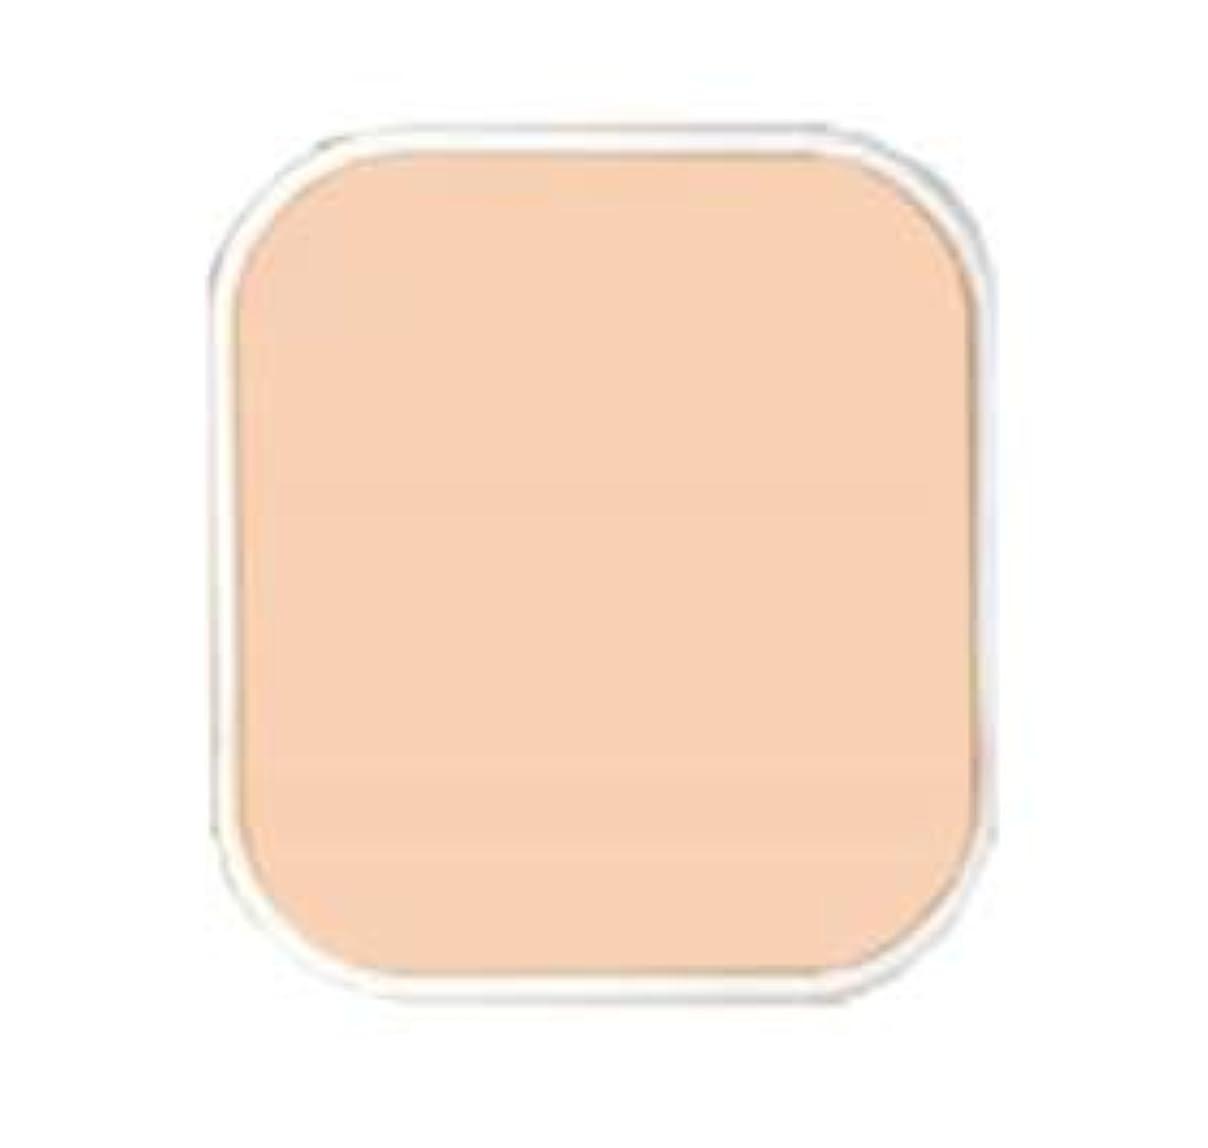 不完全な詐欺鉛アクセーヌ クリーミィファンデーションPV(リフィル)<P20自然なピンク系>※ケース別売り(11g)